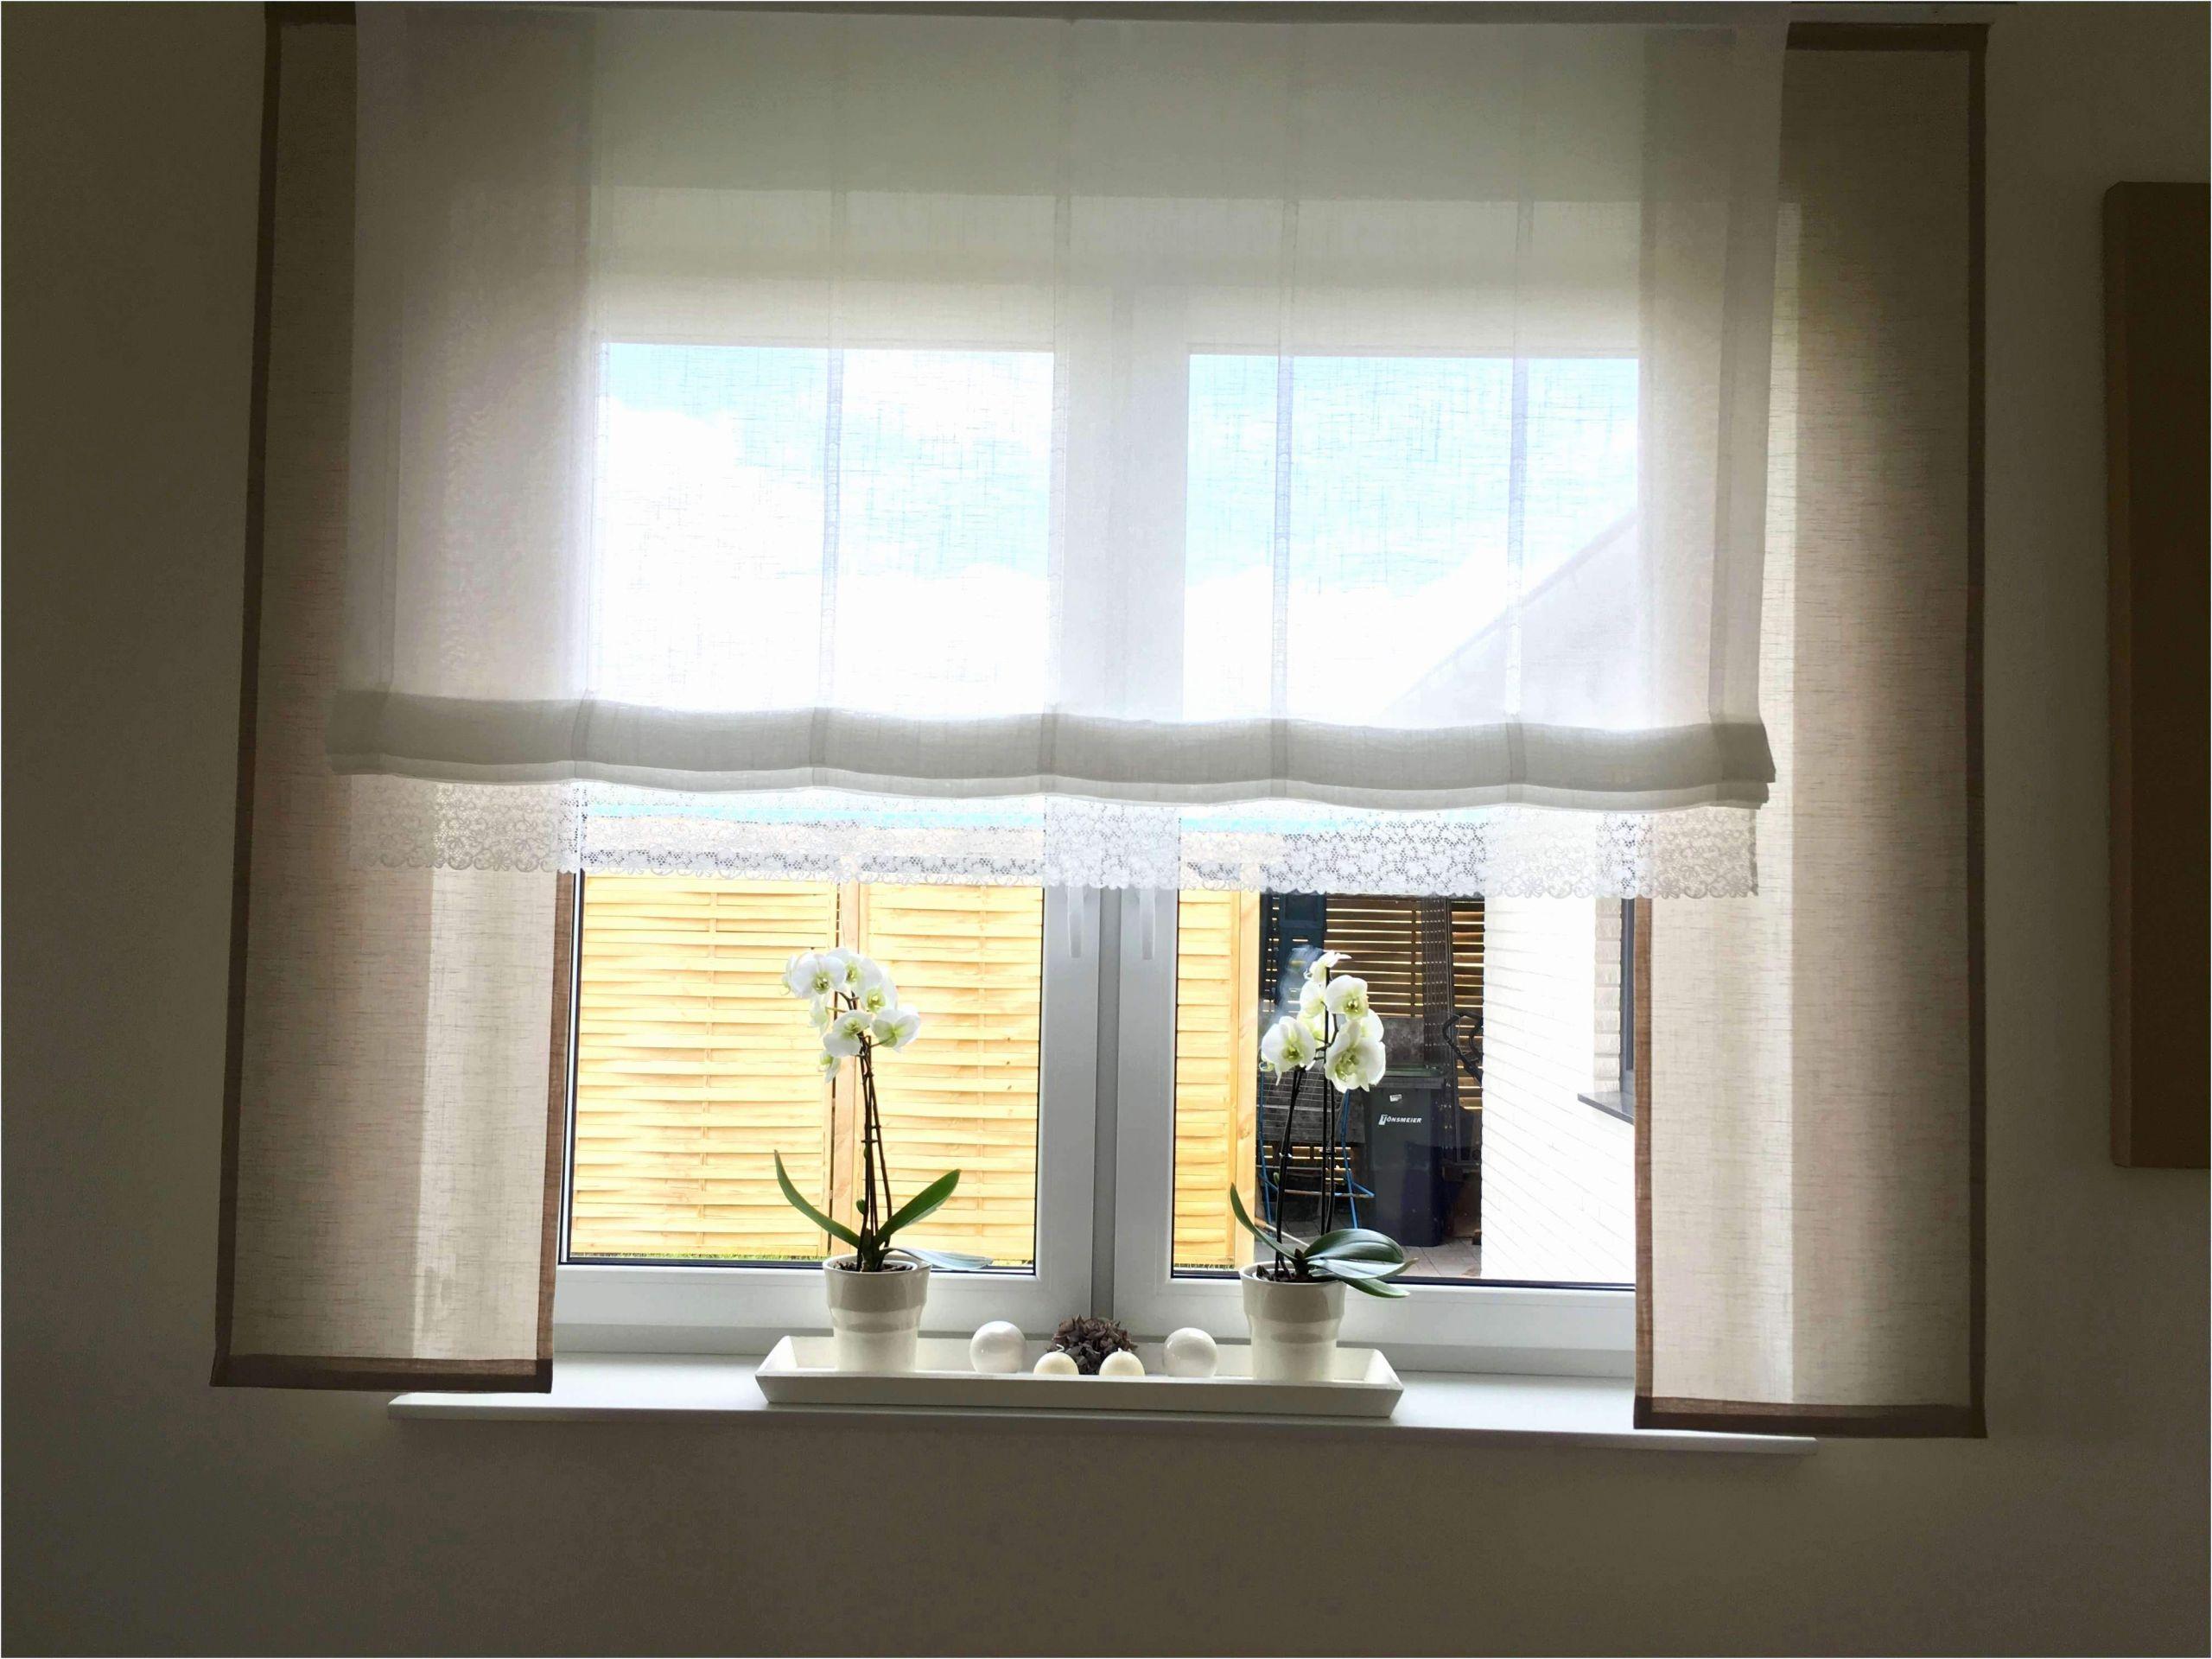 Full Size of Fenster Gardinen Wohnzimmer Reizend Insektenschutzgitter Velux Kaufen Flachdach Sicherheitsfolie Sonnenschutz Außen Standardmaße Innen Schüco Kunststoff Wohnzimmer Gardinen Fenster